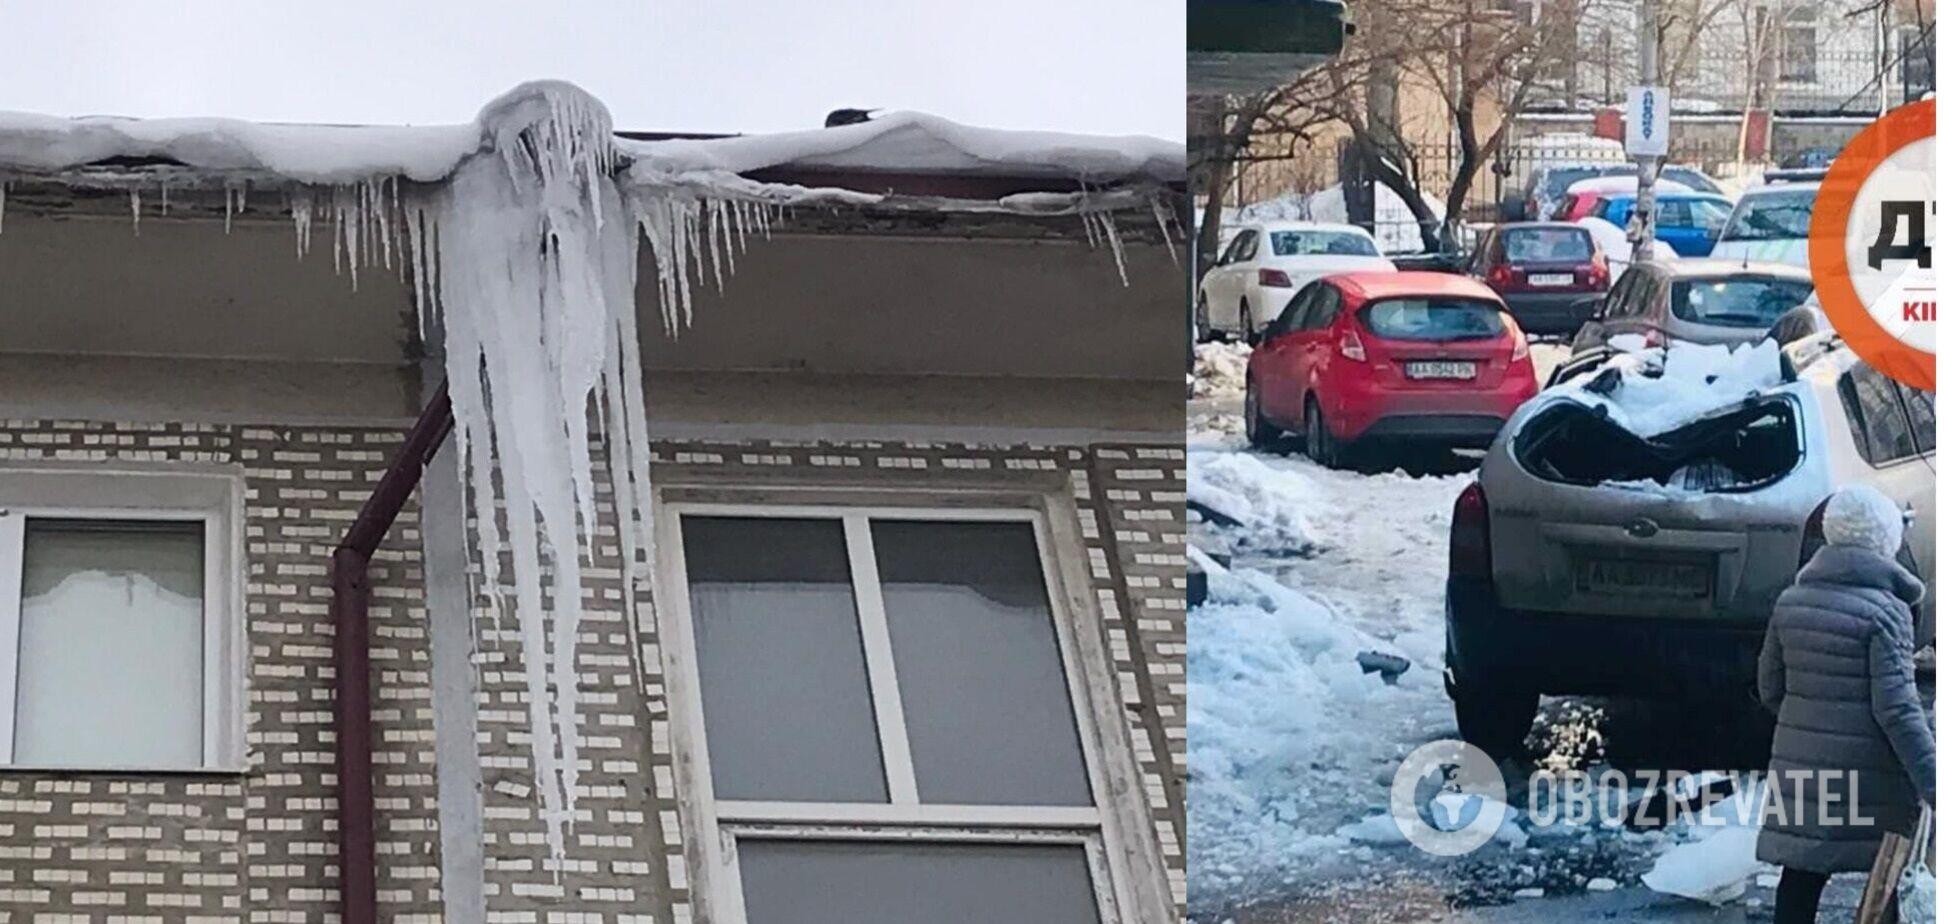 Страдают машины, припаркованные рядом с зданиями